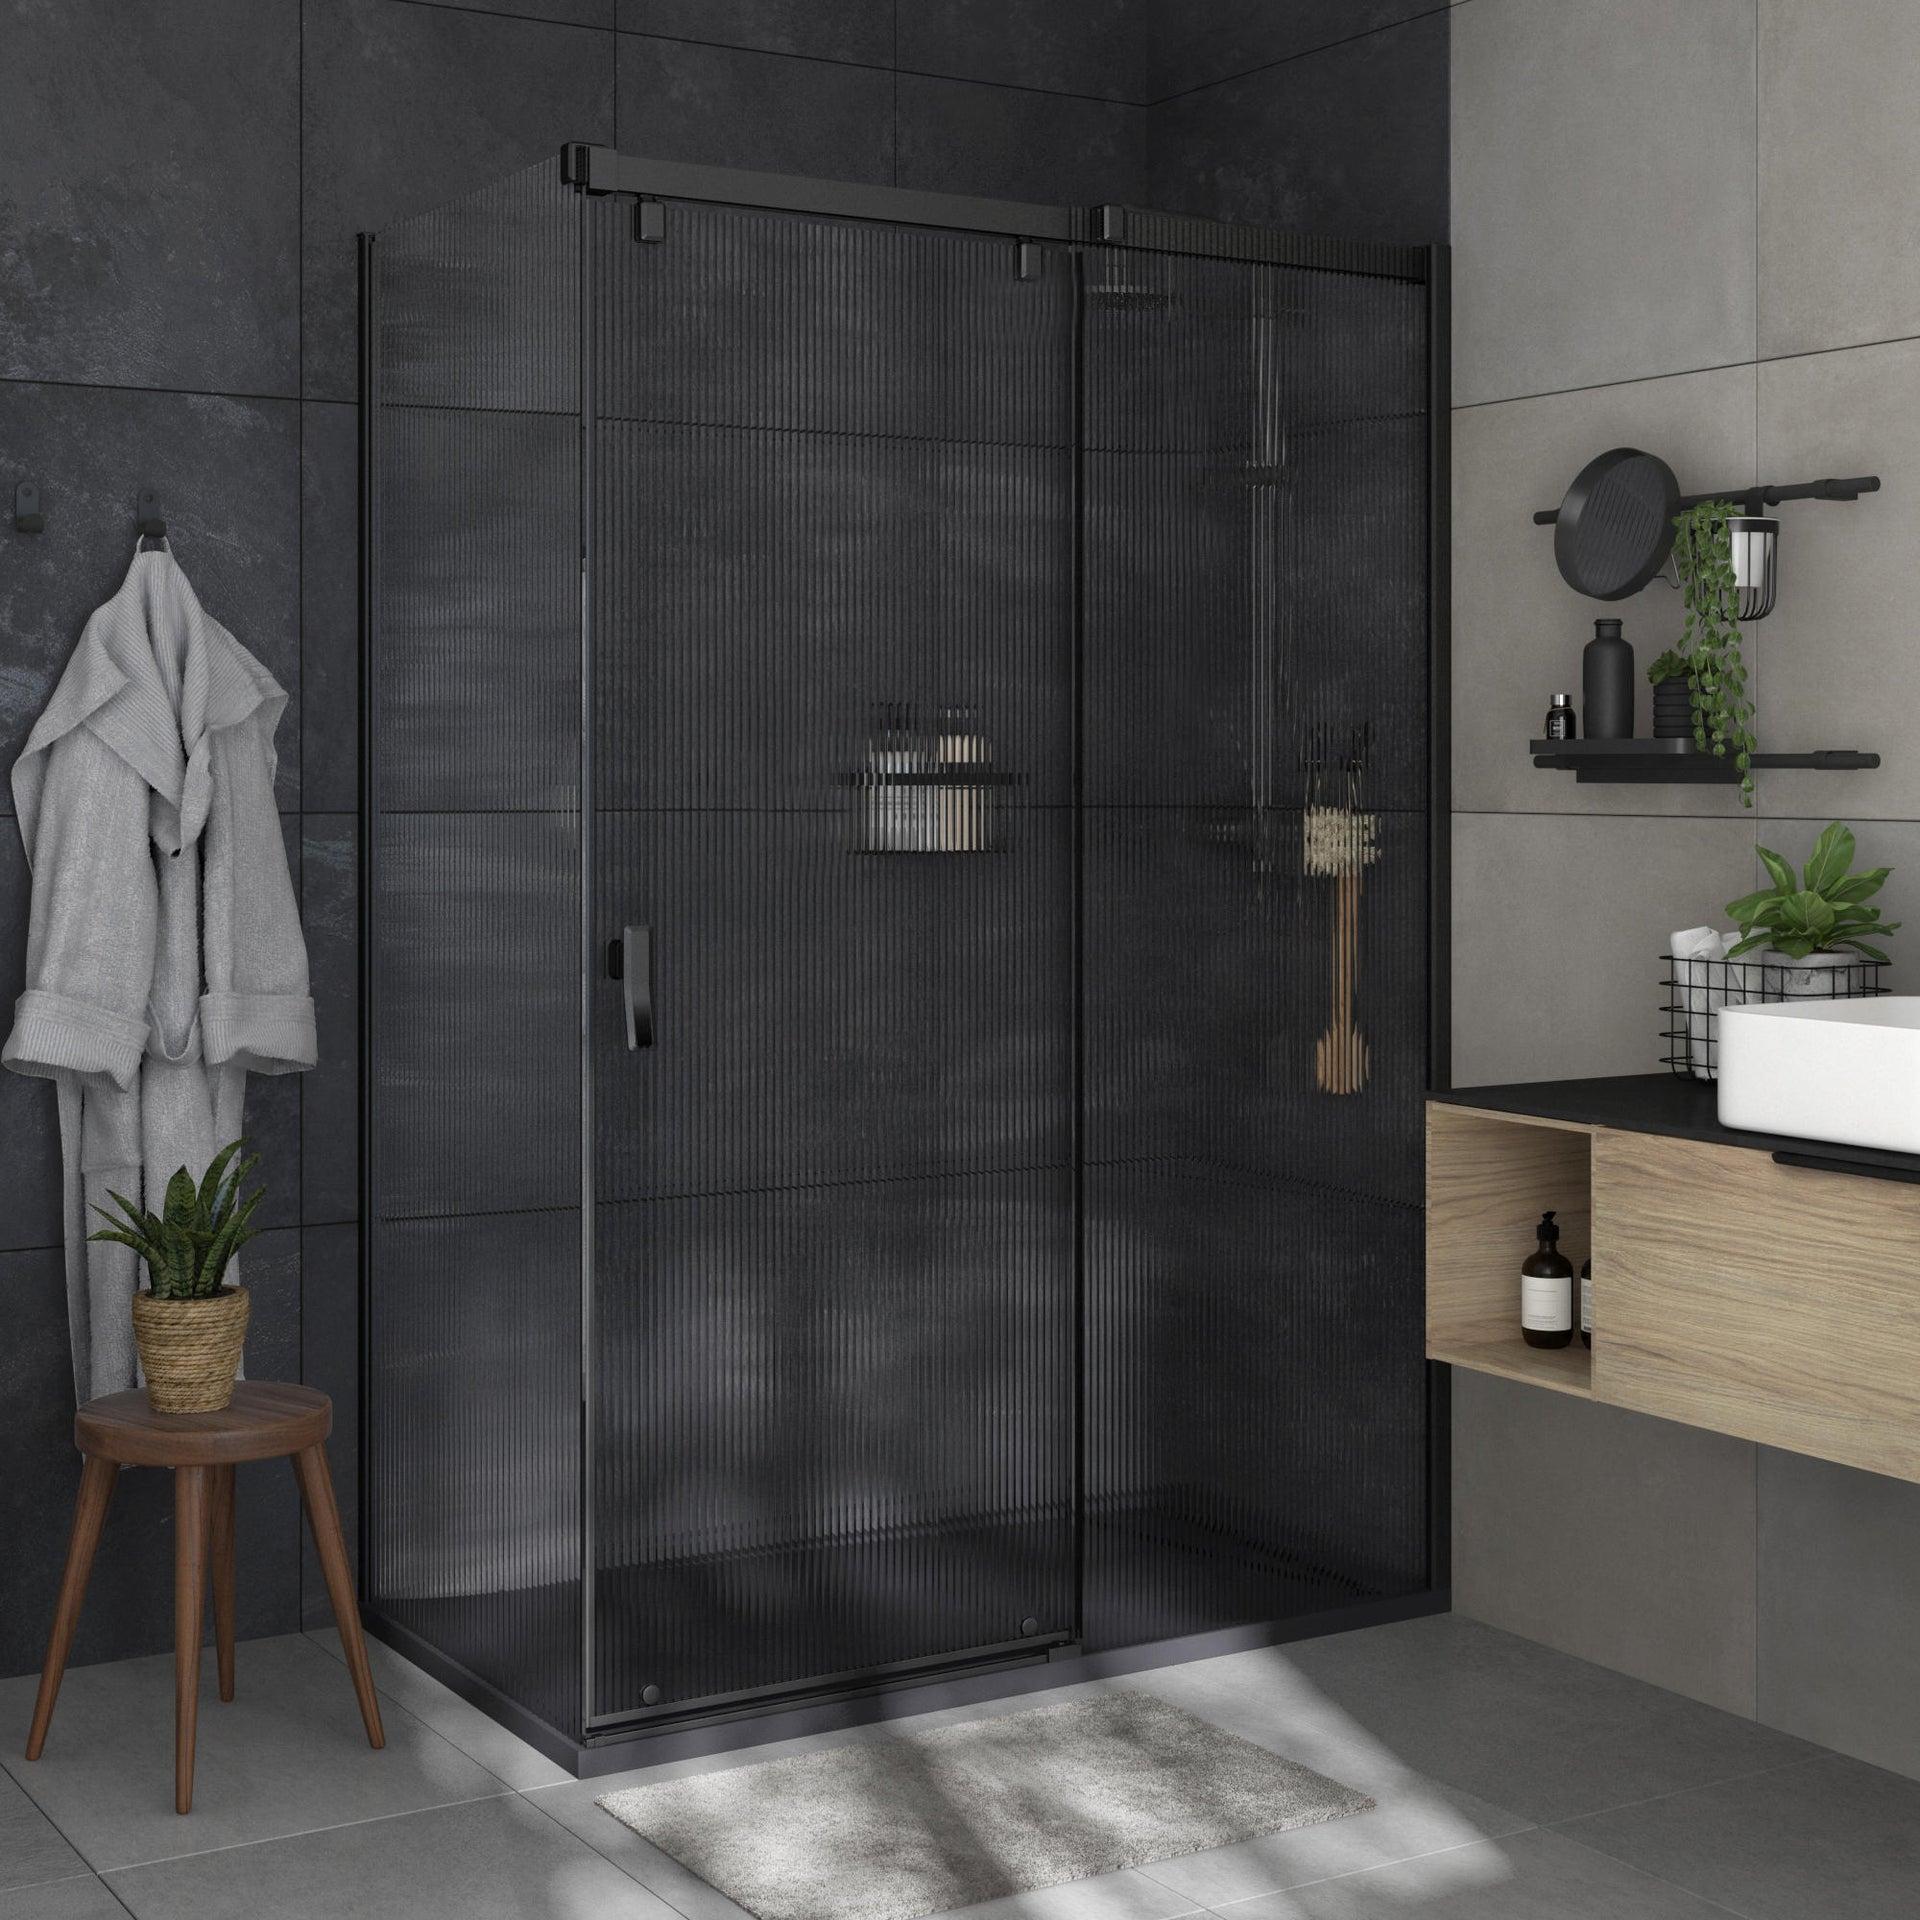 Box doccia angolare porta scorrevole e lato fisso rettangolare Neo 140 x 80 cm, H 200 cm in vetro temprato, spessore 8 mm strutturato nero - 2